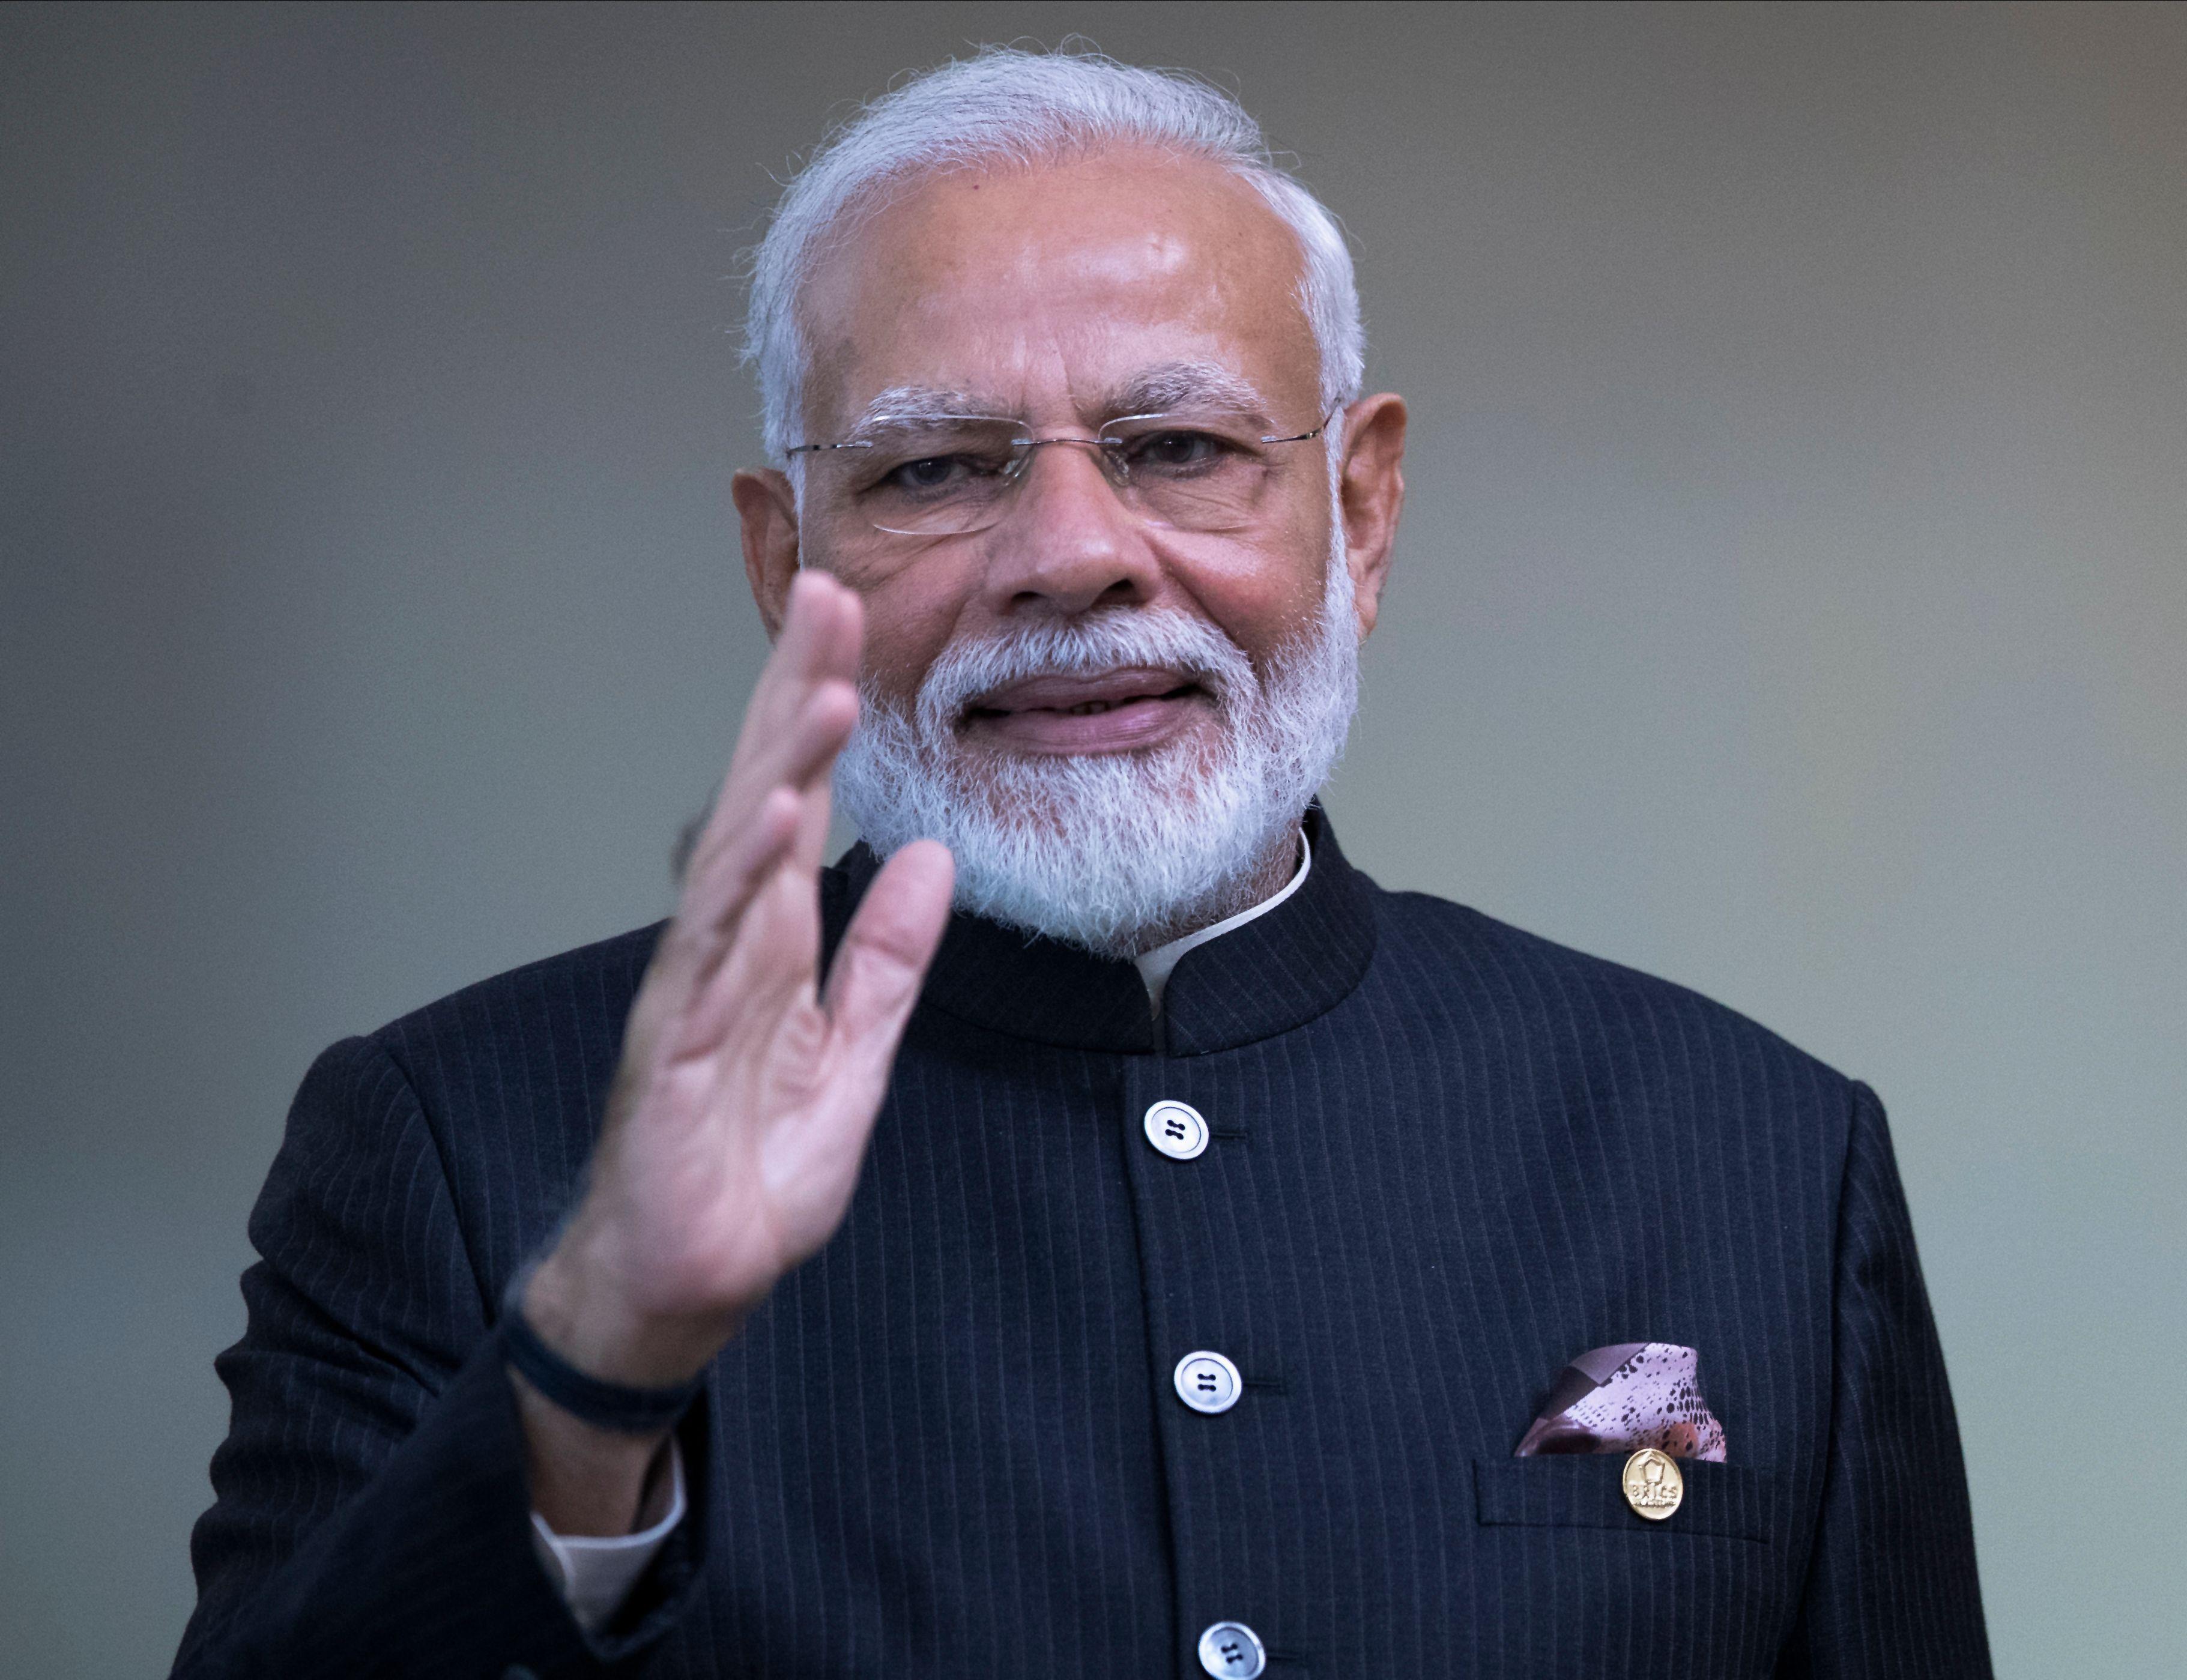 कोरोना विरुद्धको लडाई जनताको नेतृत्वमा छ : भारतीय प्रधानमन्त्री मोदी